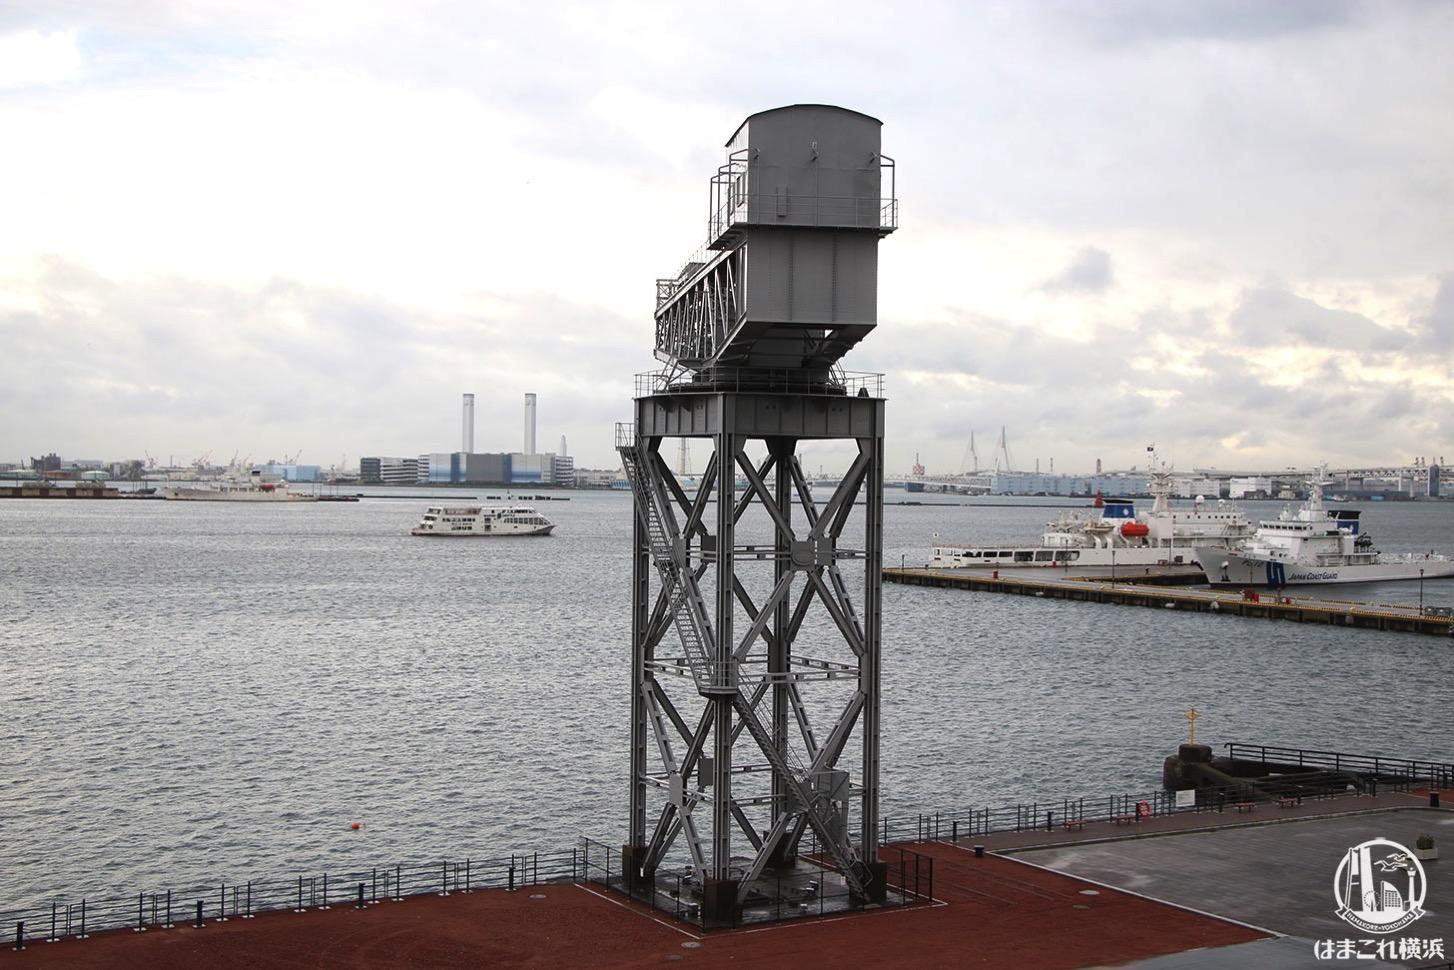 シグネチャースイート ダブル ハンマーヘッド横浜